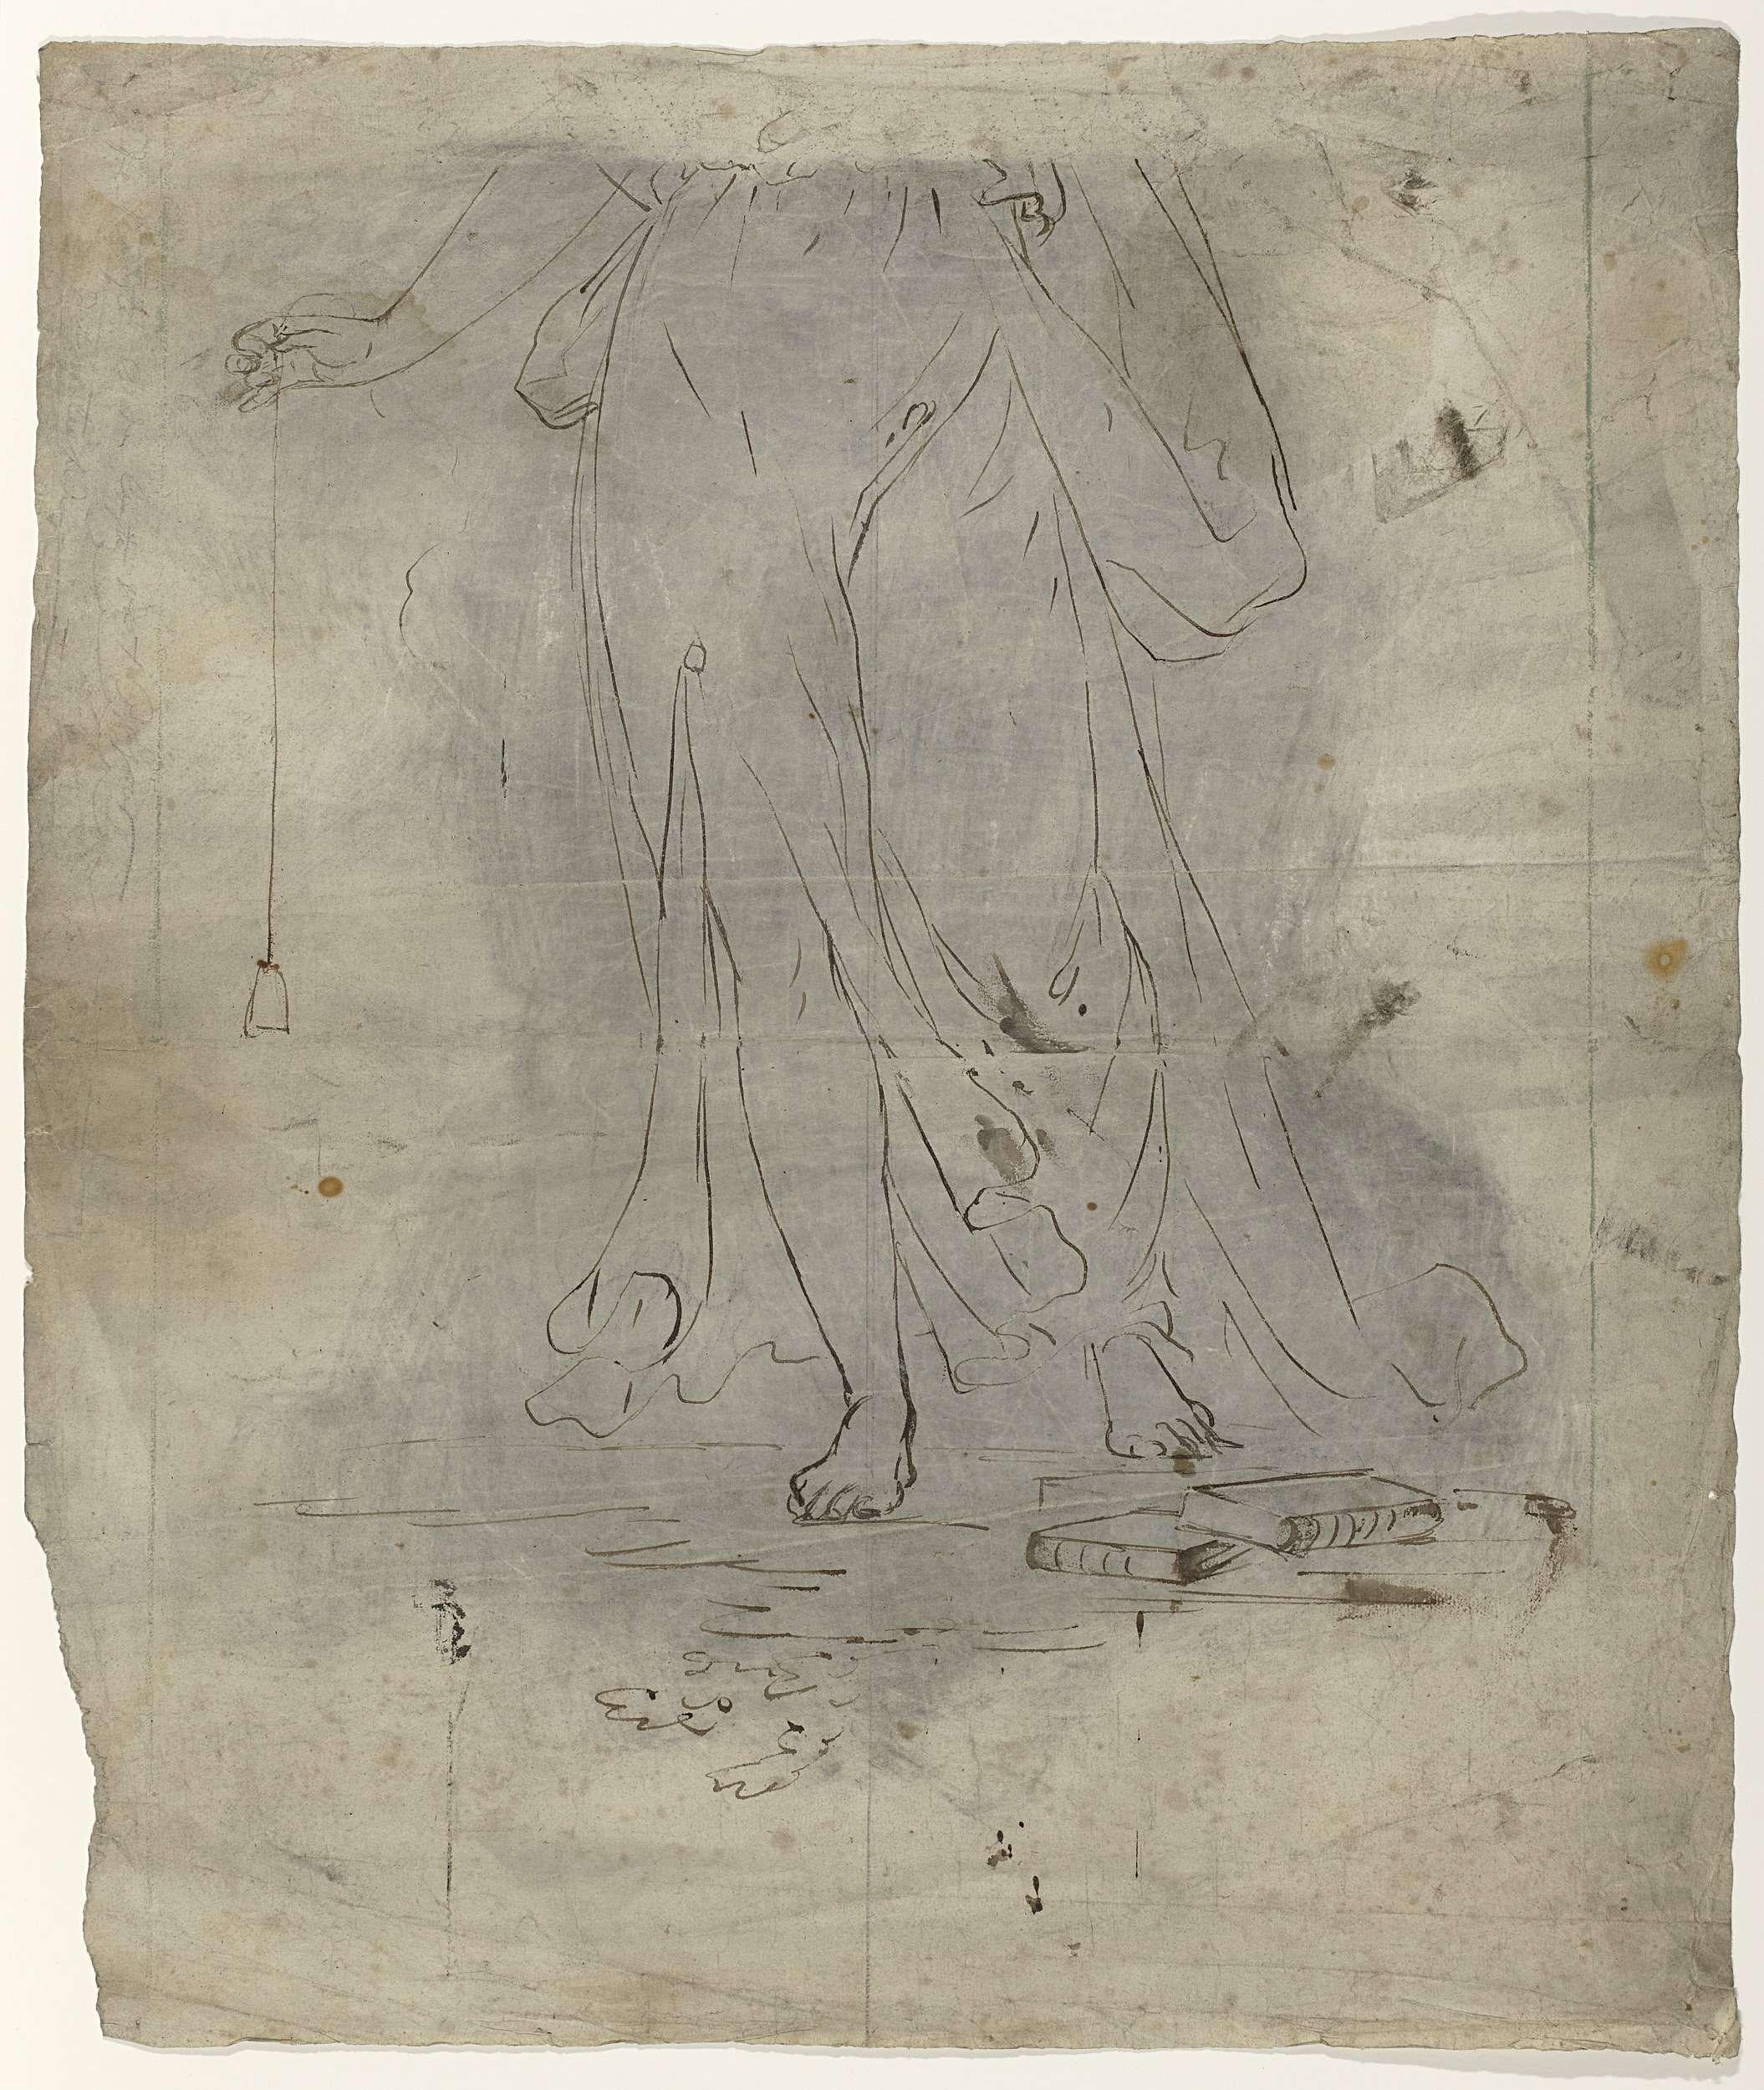 Abraham van Strij (I)   Gerechtigheid of Wetenschap, Abraham van Strij (I), 1763 - 1826   Allegorische figuur: Gerechtigheid of Wetenschap, met peillood en boeken, onderste helft van vrouw. Werktekening voor een schildering.